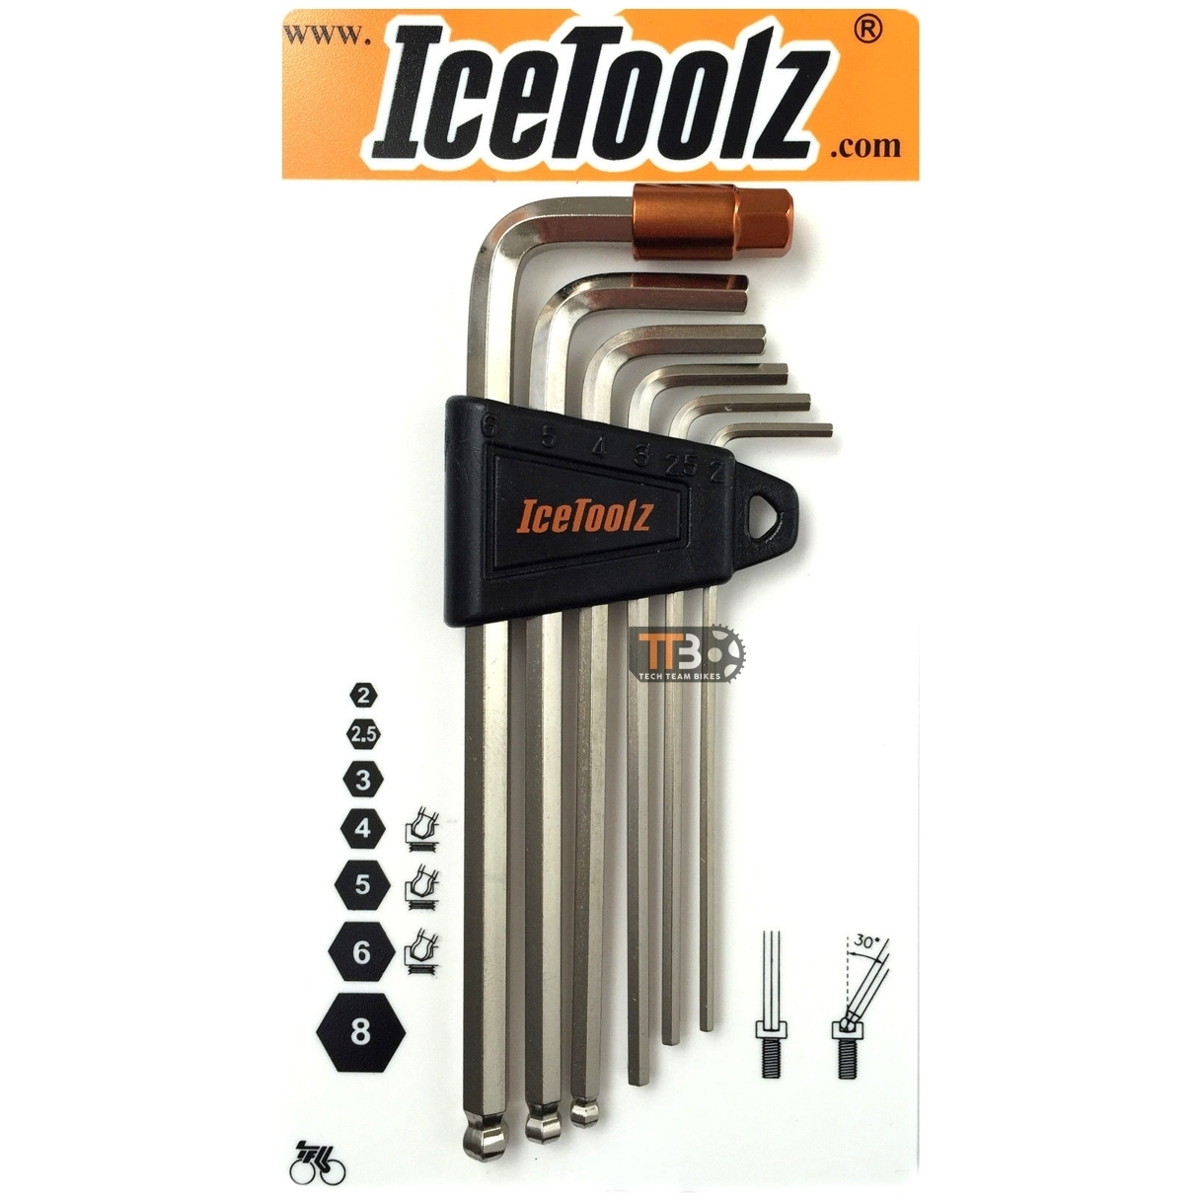 ชุดประแจหกเหลี่ยม ICETOOLZ Y 36Q1